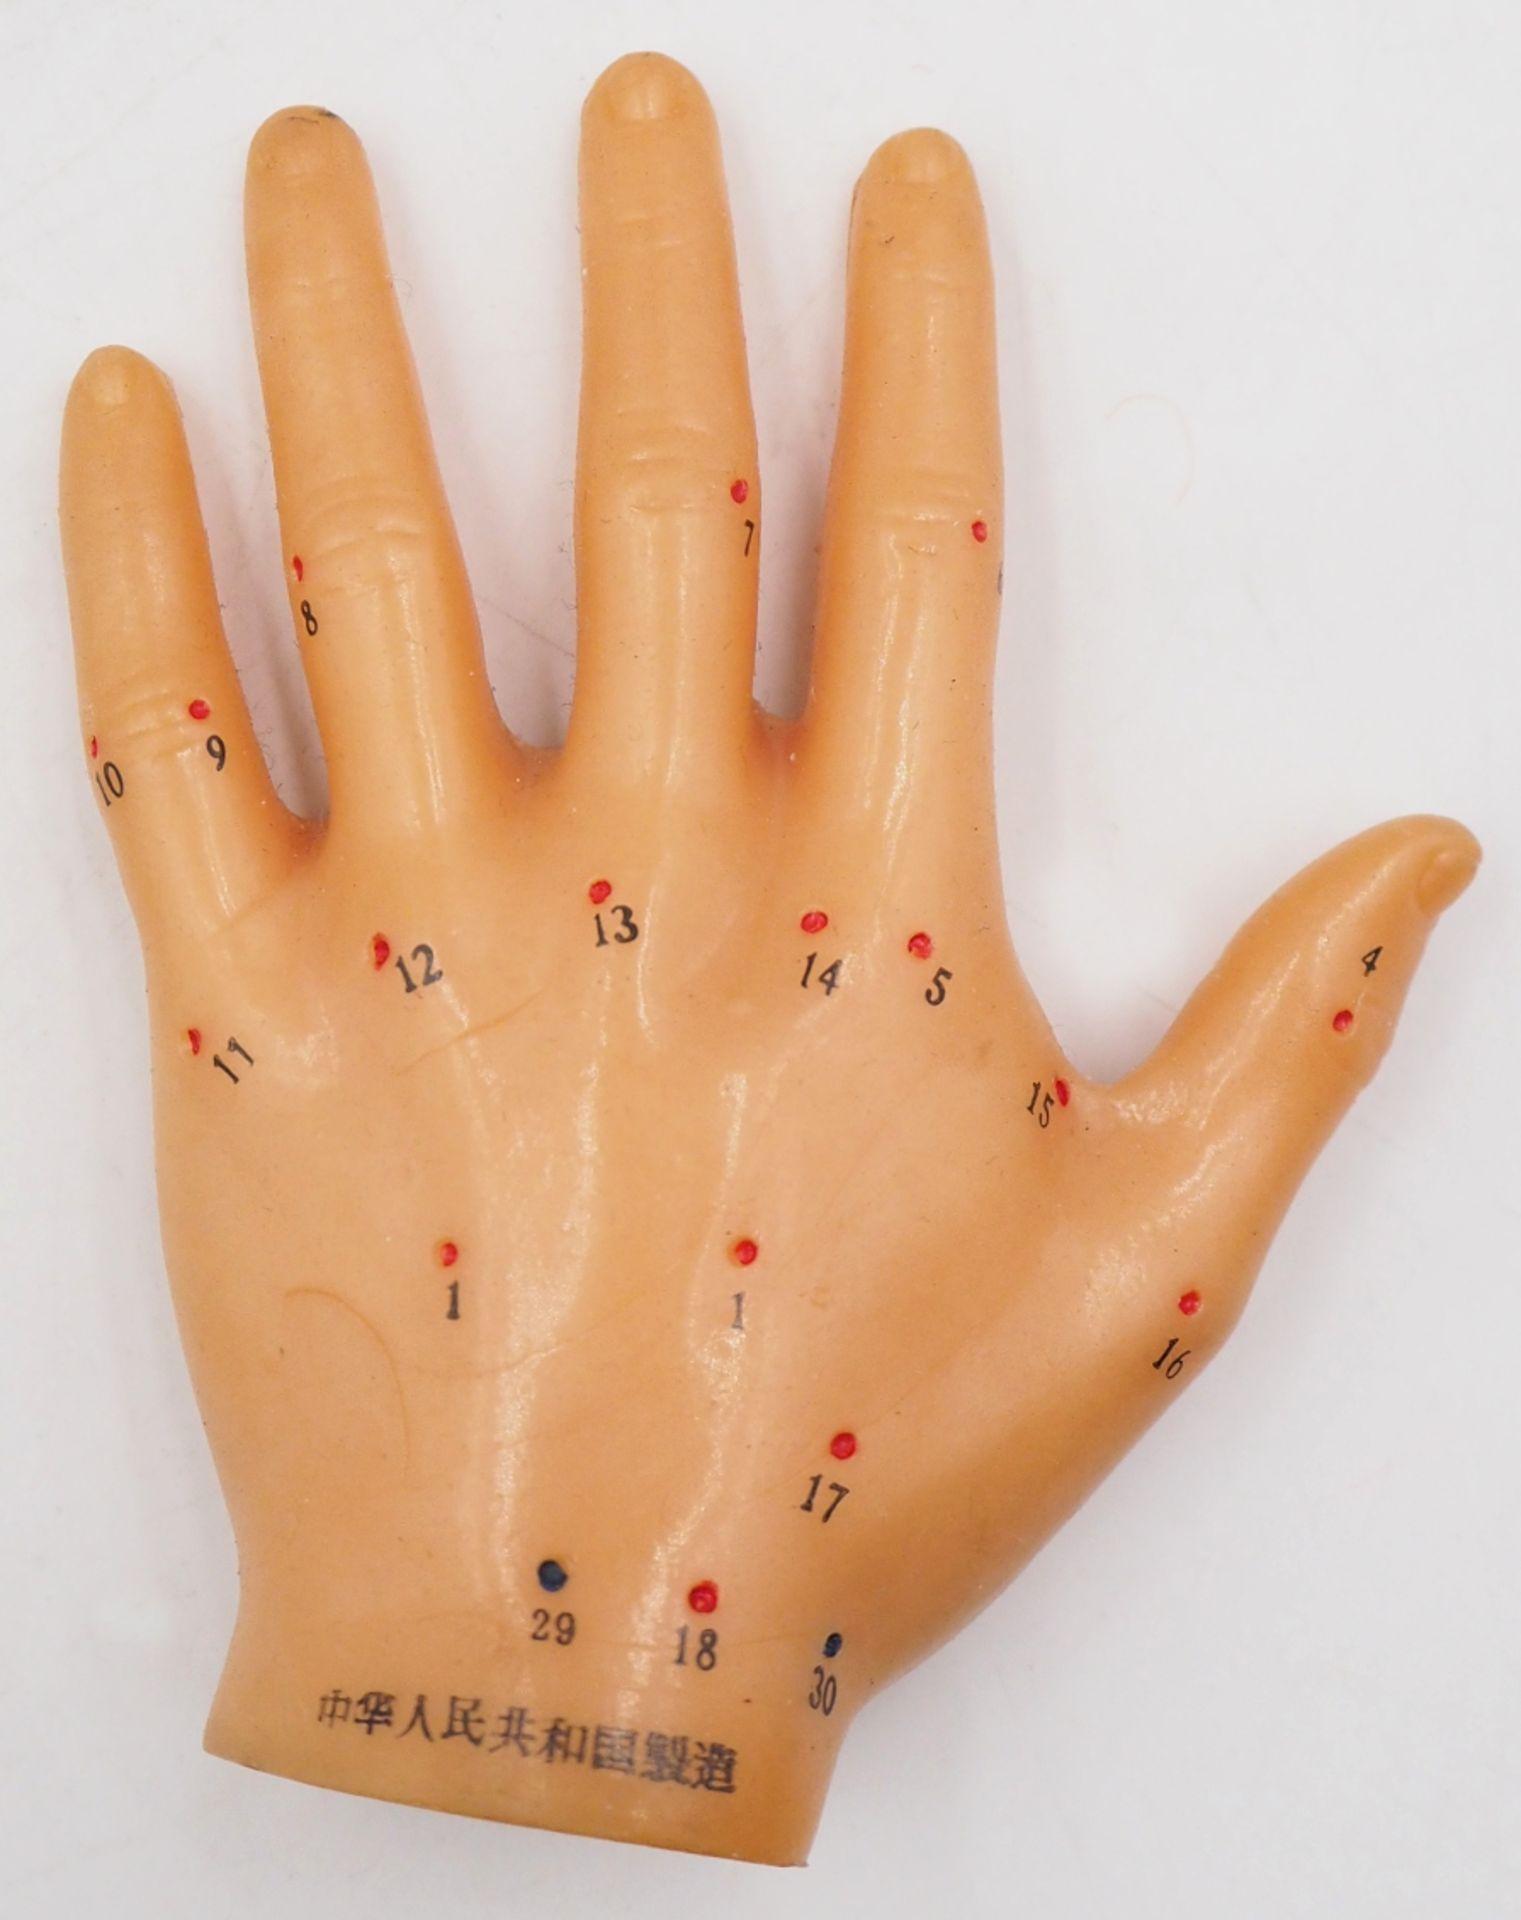 1 Akupunkturpuppe eines Mannes GOOD HEALTH BRAND, wohl Mitte 20. Jh., Japan Kunststoff - Bild 4 aus 7